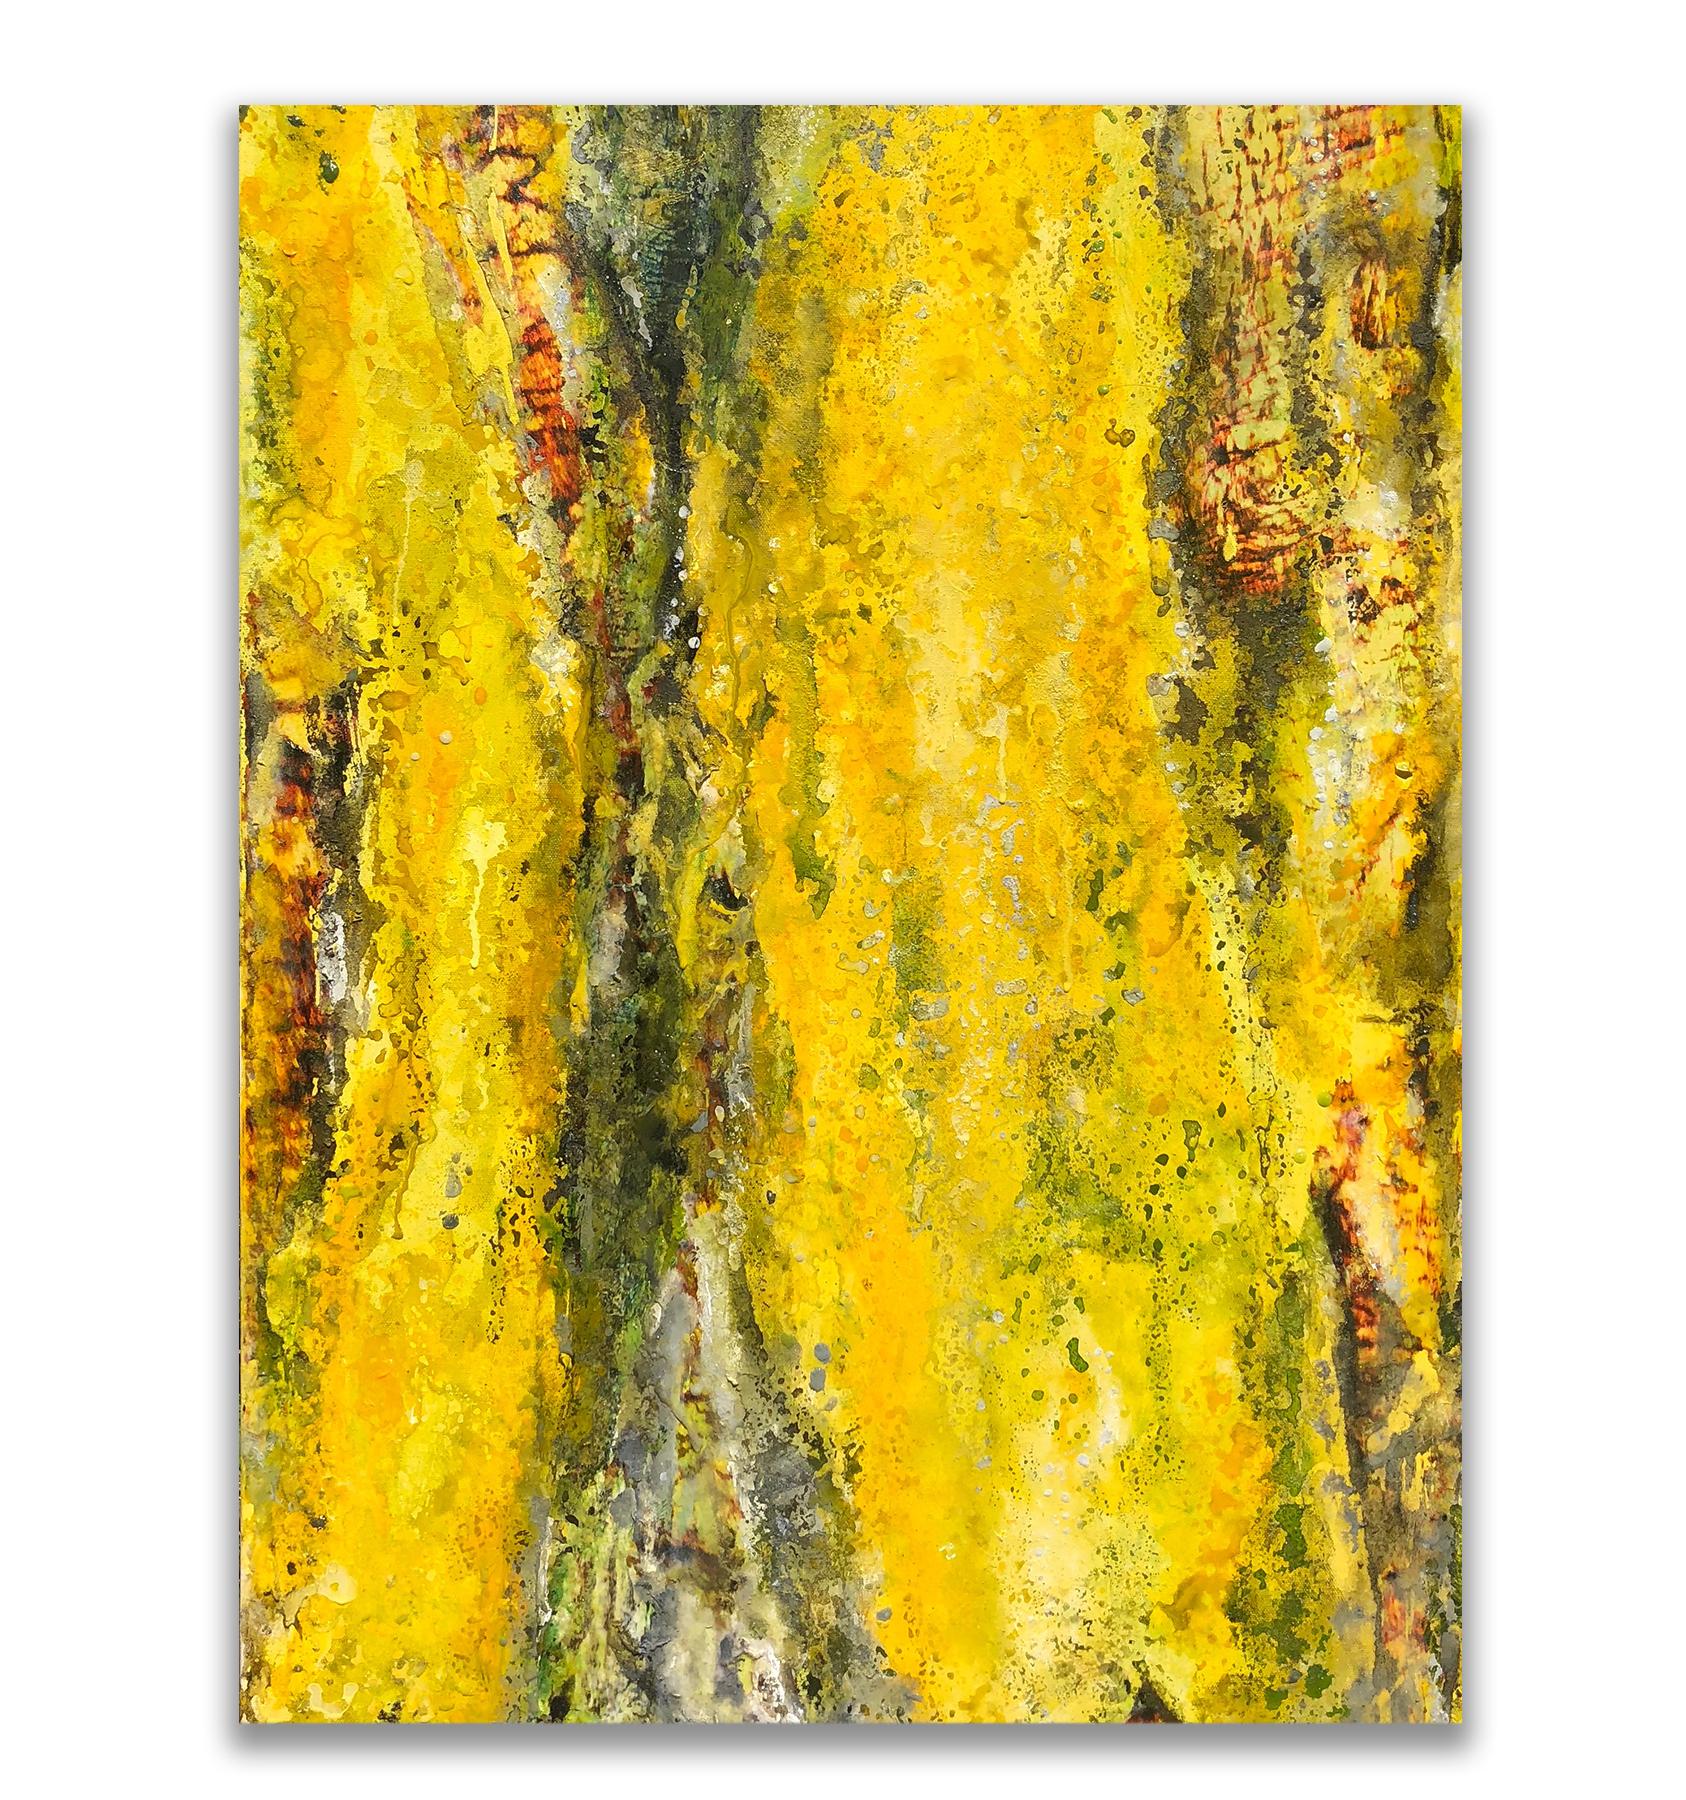 Canary in A Coalemine     24x36 Mixed Media (acrylic, sand)